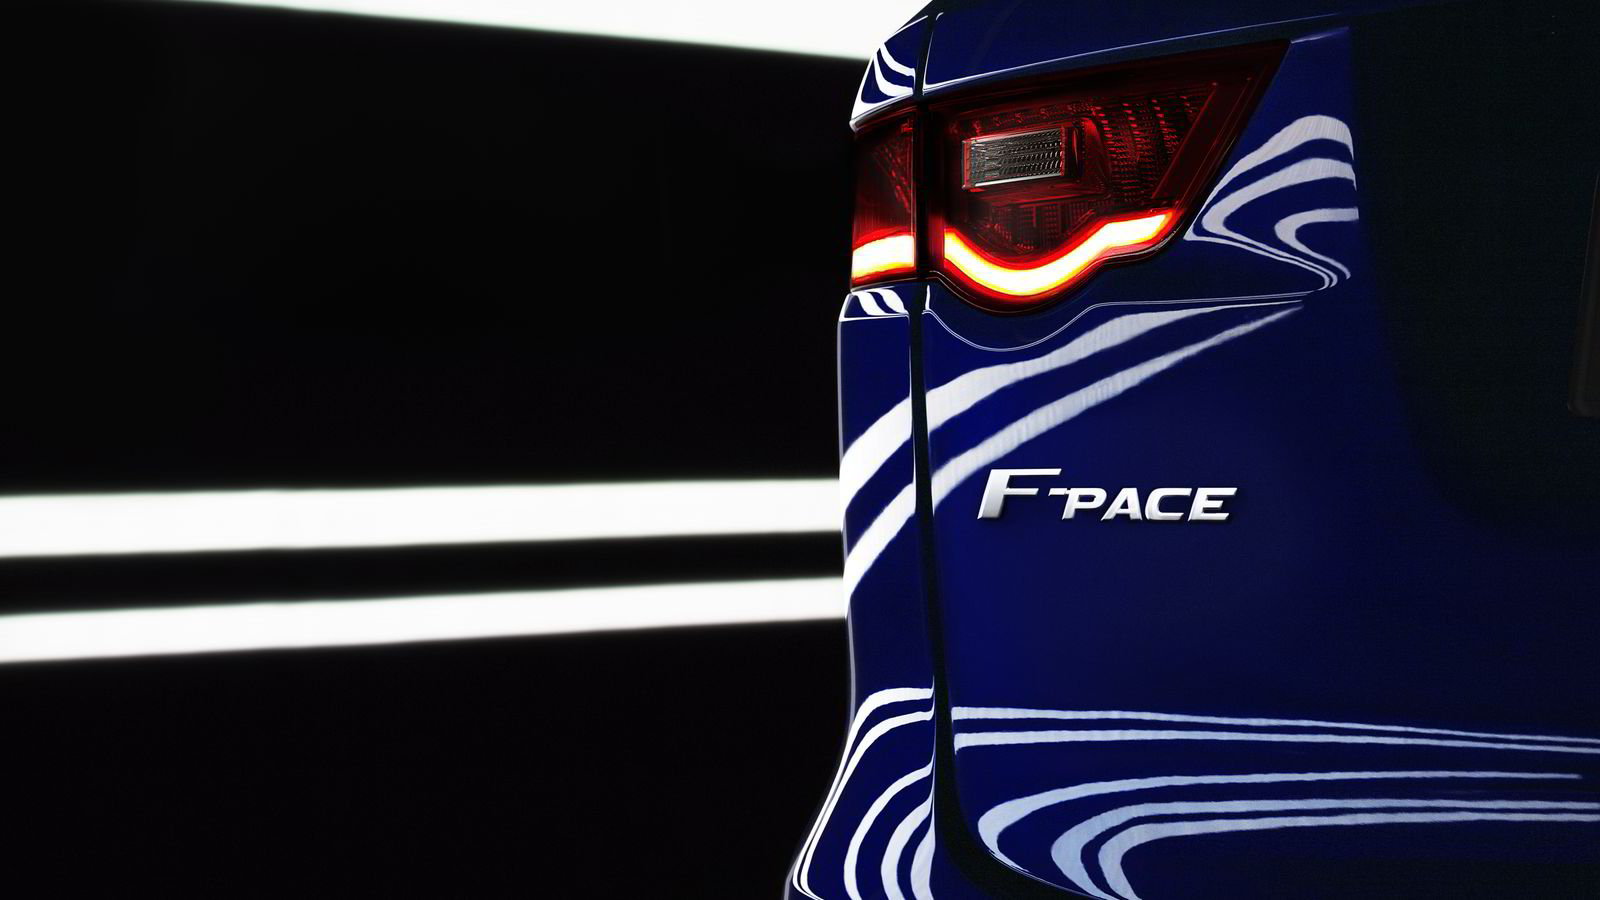 Nå er navnet avslørt: Jaguars første suv skal hete F-Pace. Foto: